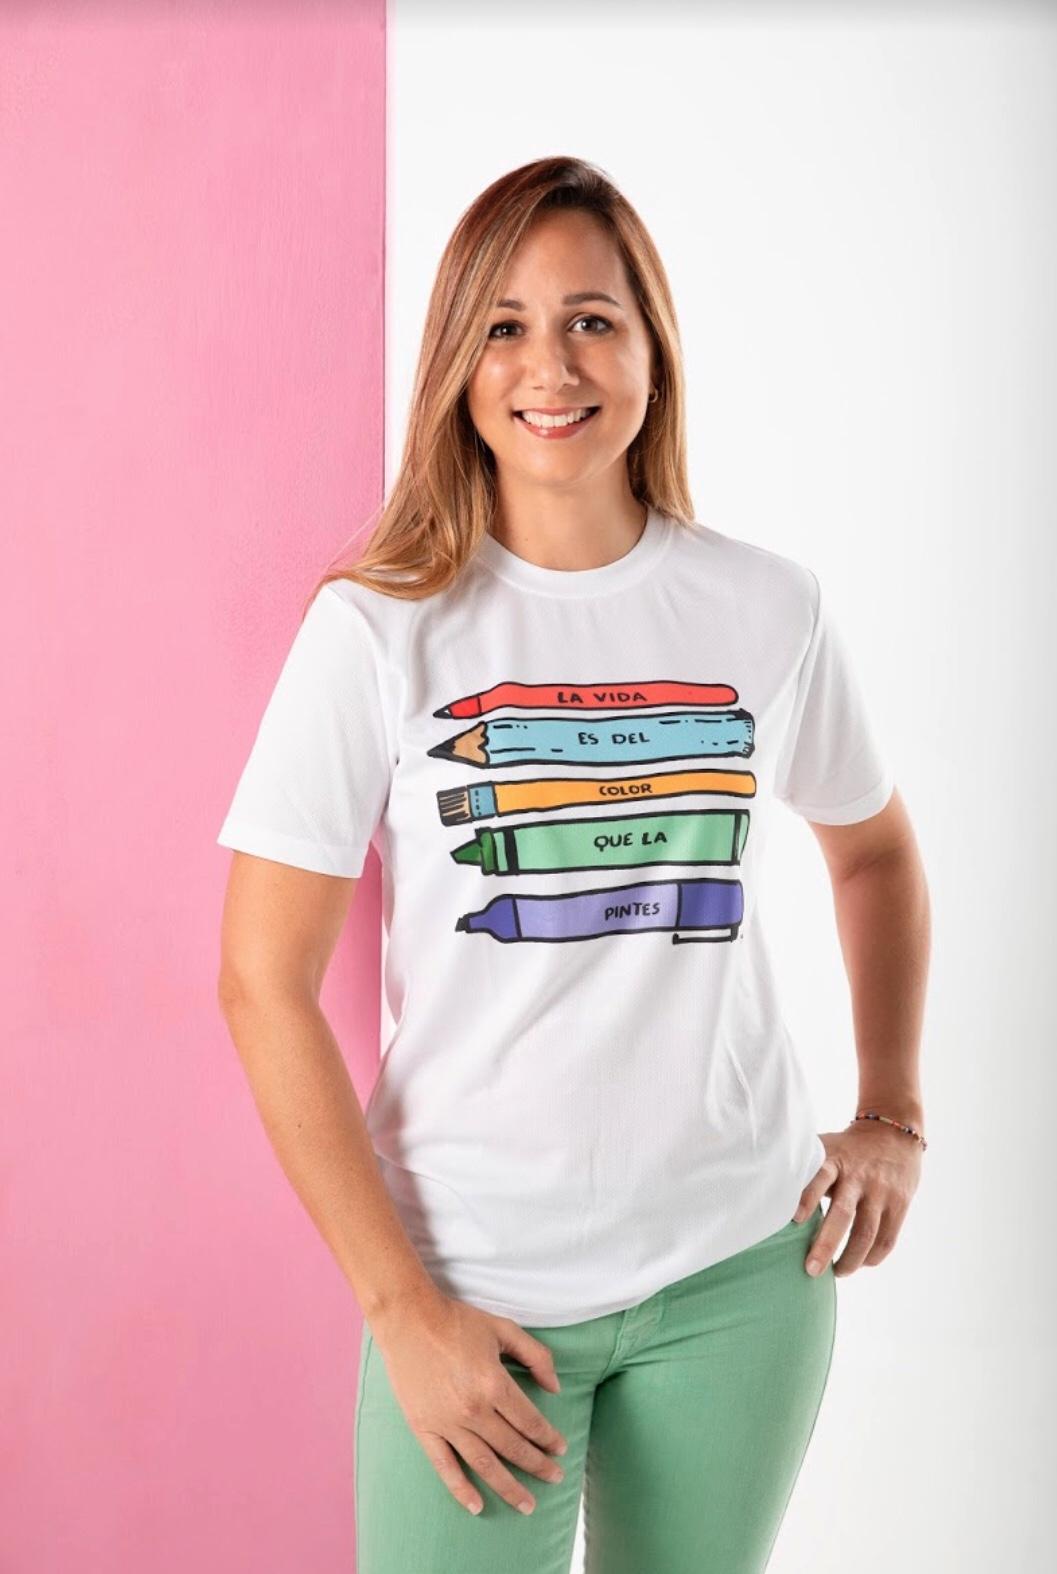 Fundación St. Jude invita a compra de tshirts pro recaudación de fondos para tratar 80 niños con cáncer